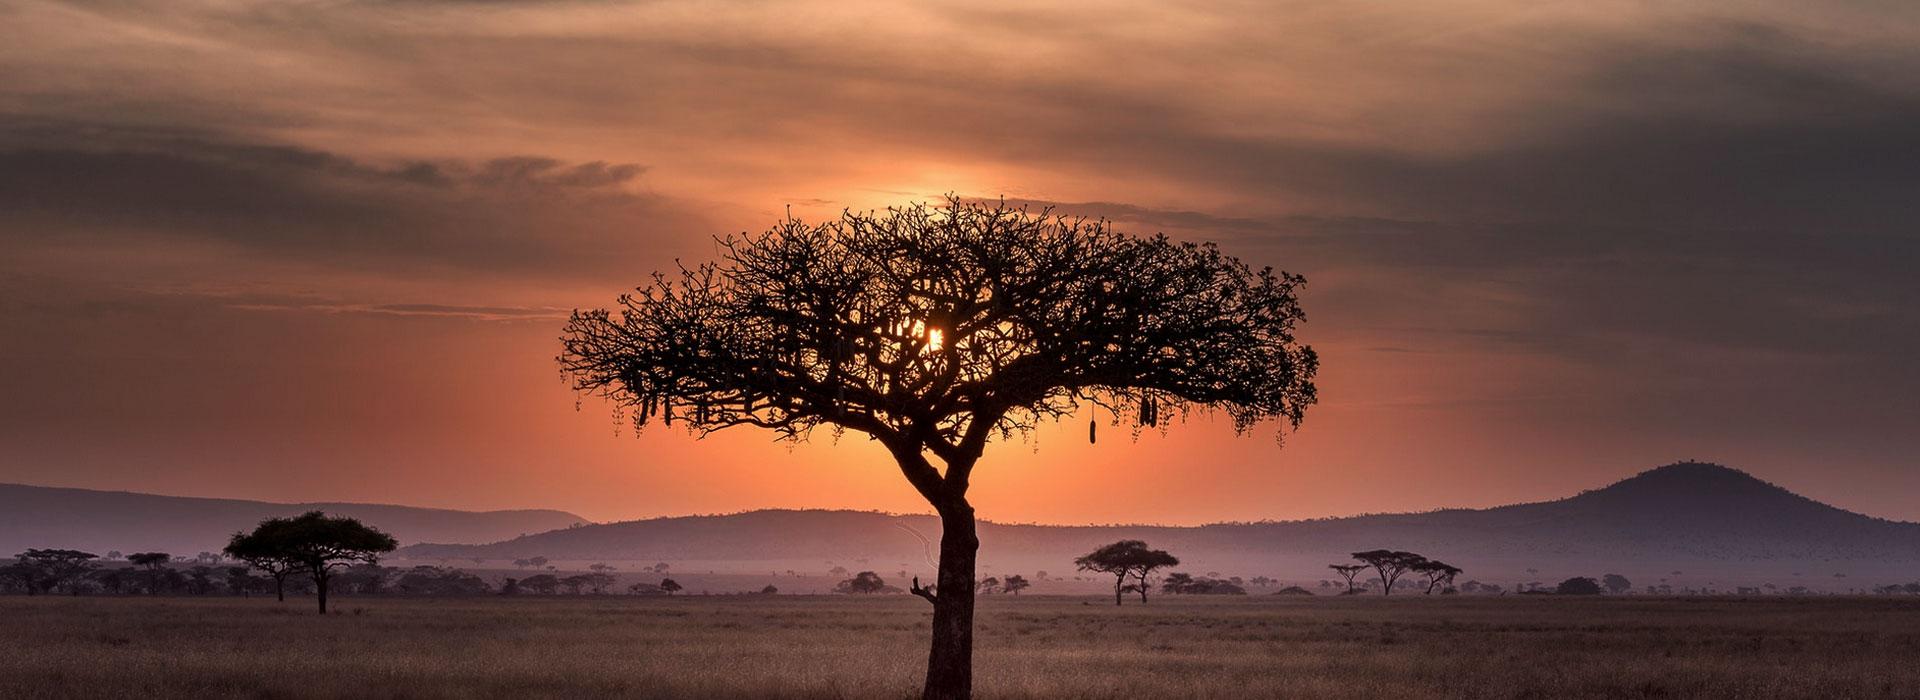 About Tanzania